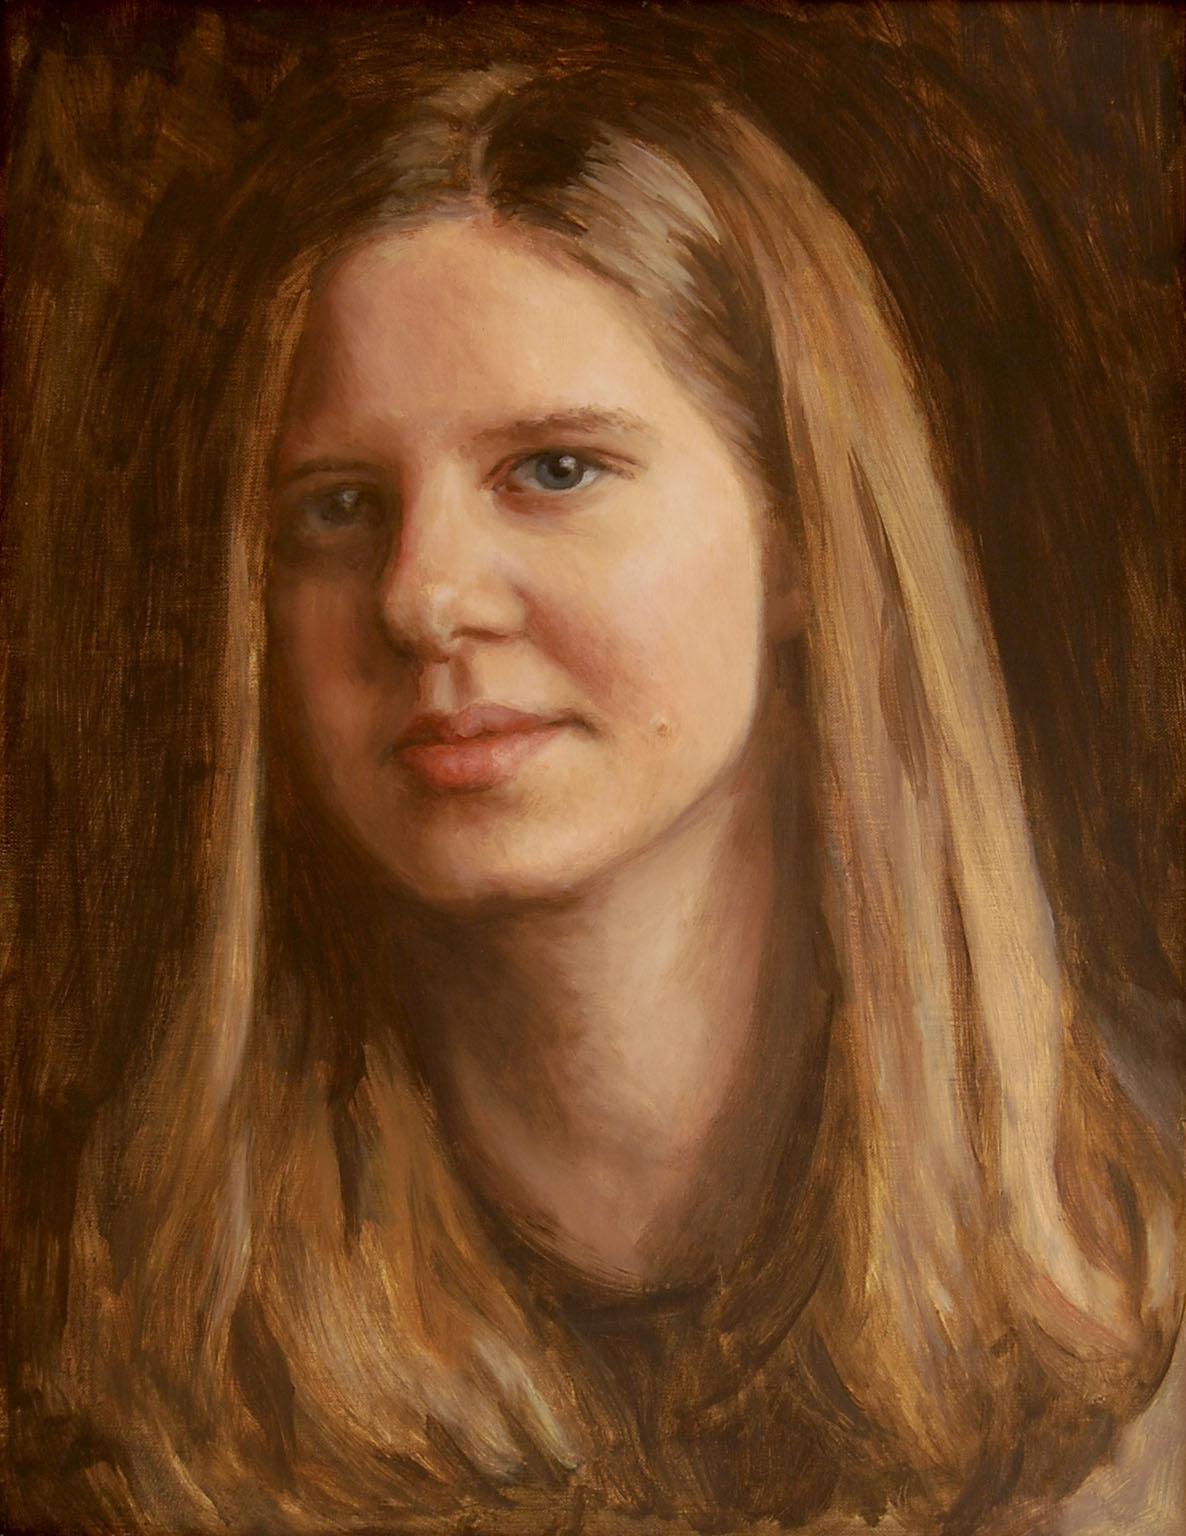 Jodi Hubbard